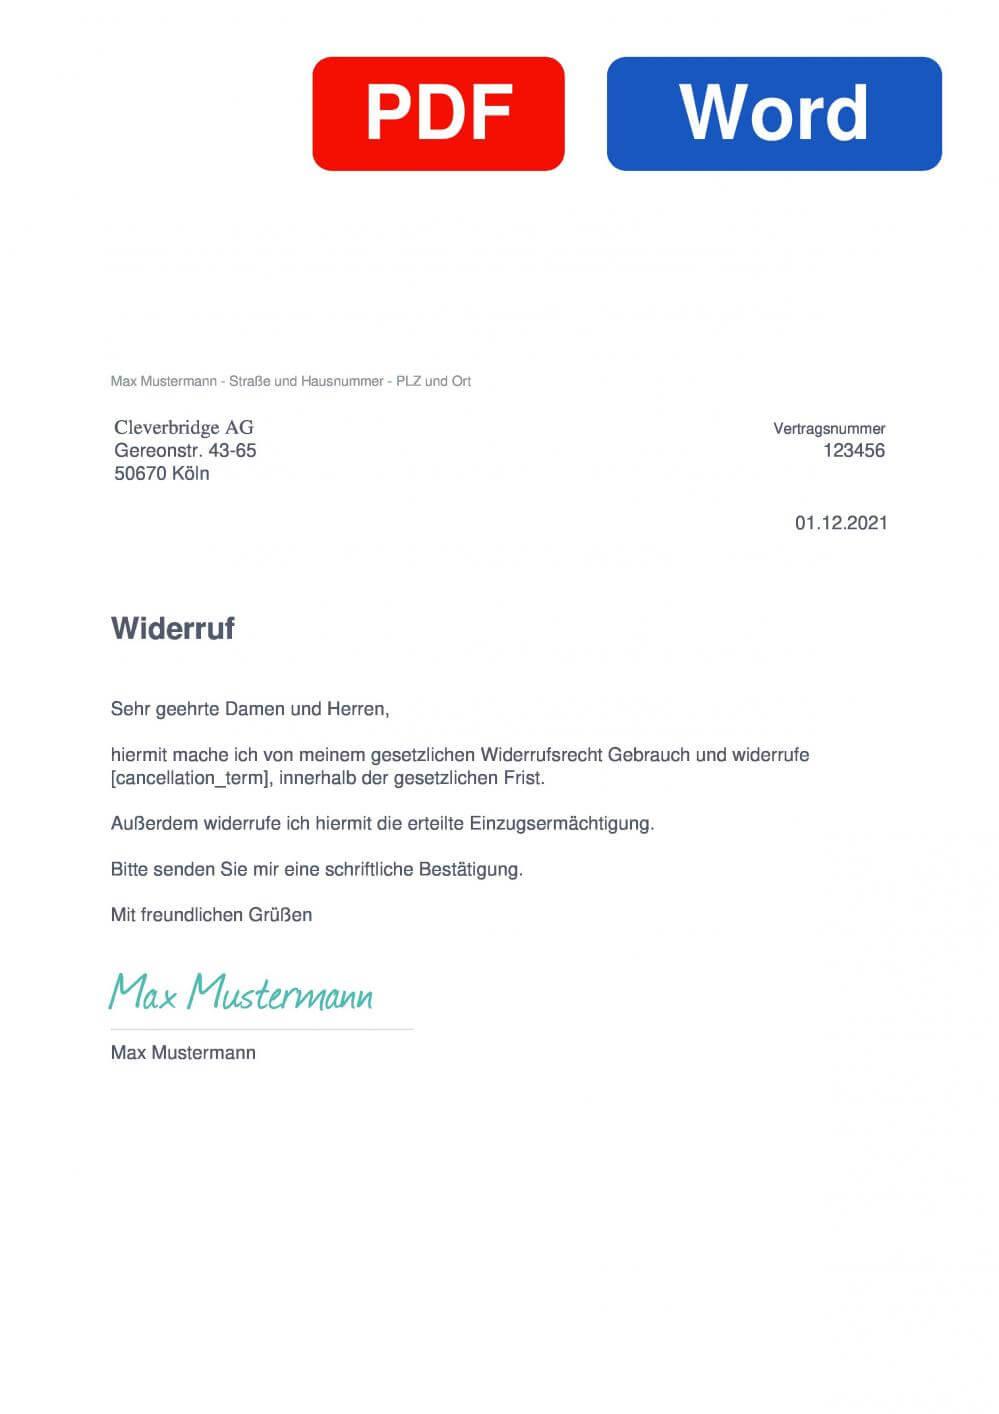 Cleverbridge Muster Vorlage für Wiederrufsschreiben